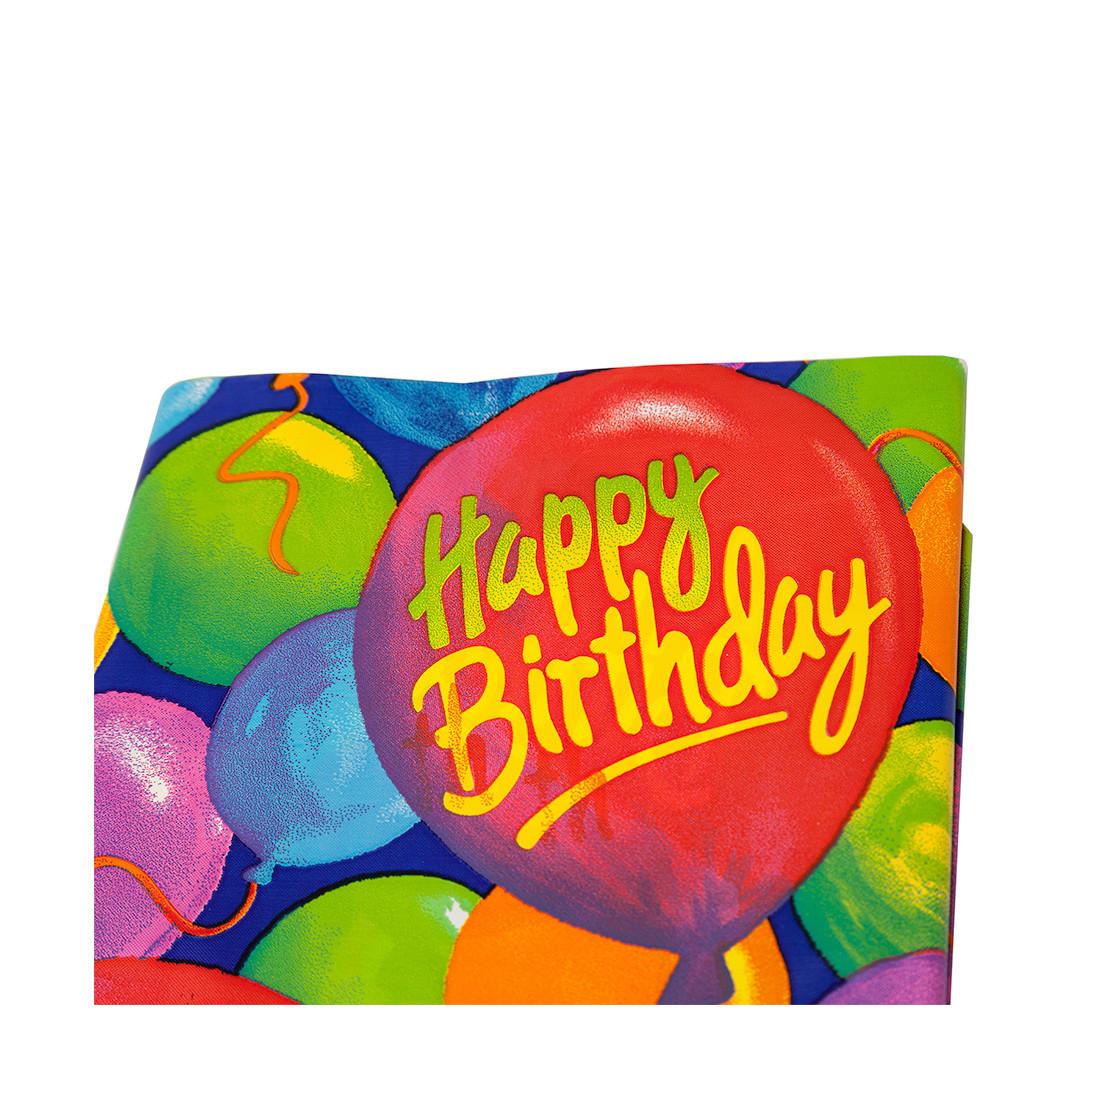 Скатерть праздничная AMSCAN 1502-0522 Happy Birthday! 260 х 140 см. Полиэтилен Многоцветная Пакет Квант